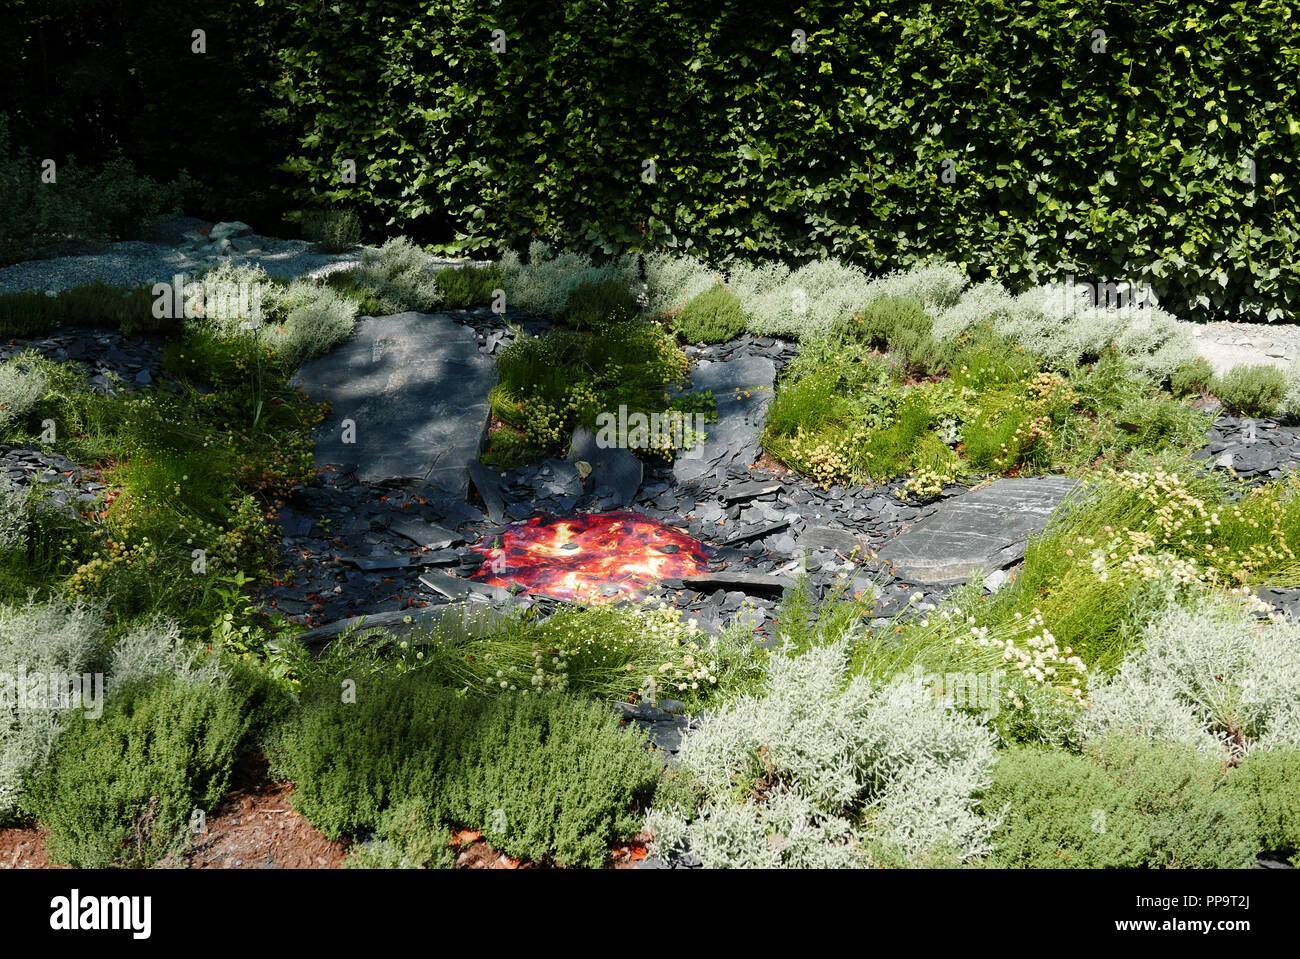 International Garden Festival, die Domäne von Chaumont-sur-Loire, Zentrum für Kunst und Natur, Loire Tal, Un-promenoir Infini, Loir-et-Cher, Touraine, Fr Stockfoto